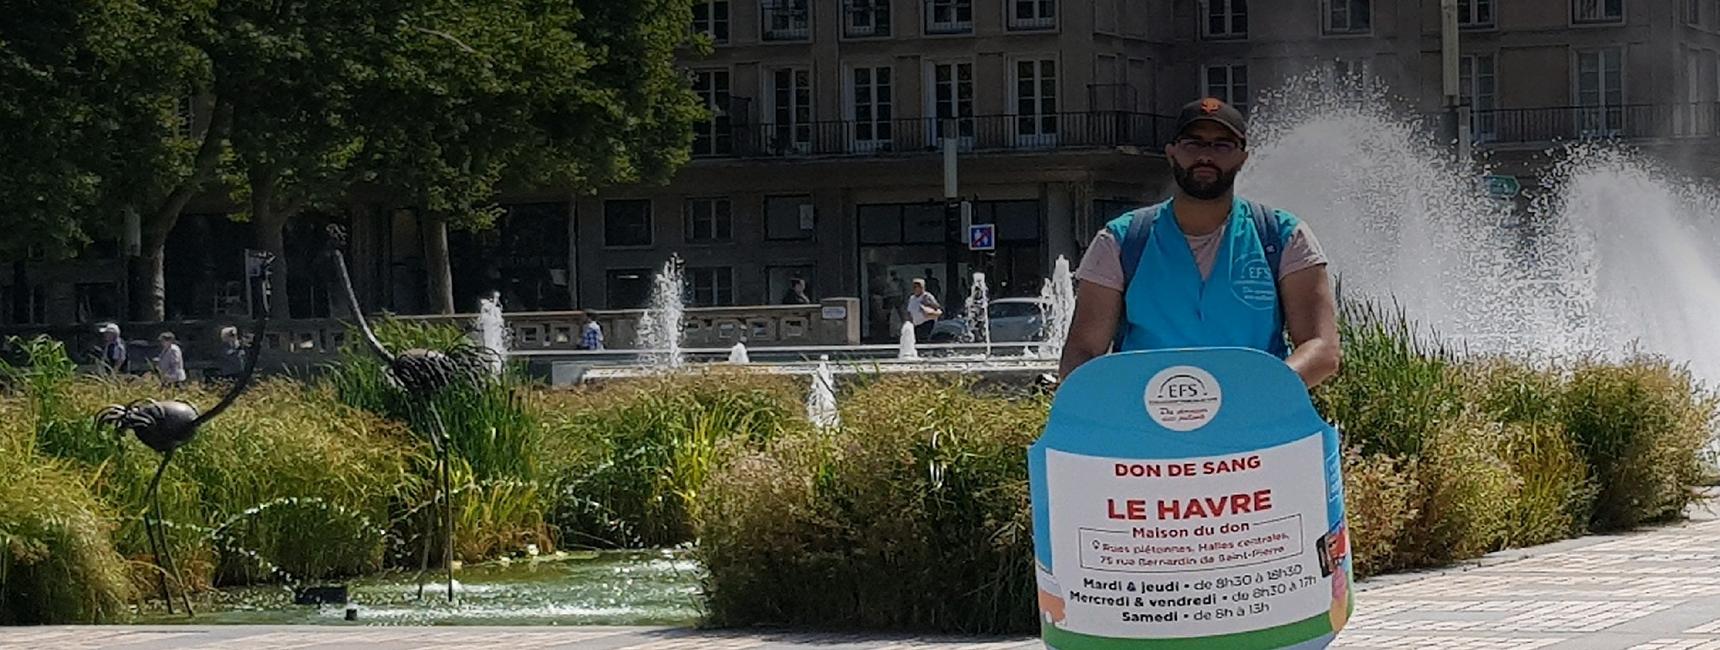 efs affichage mobile bike com segway keemia agence marketing locale en région centre normandie